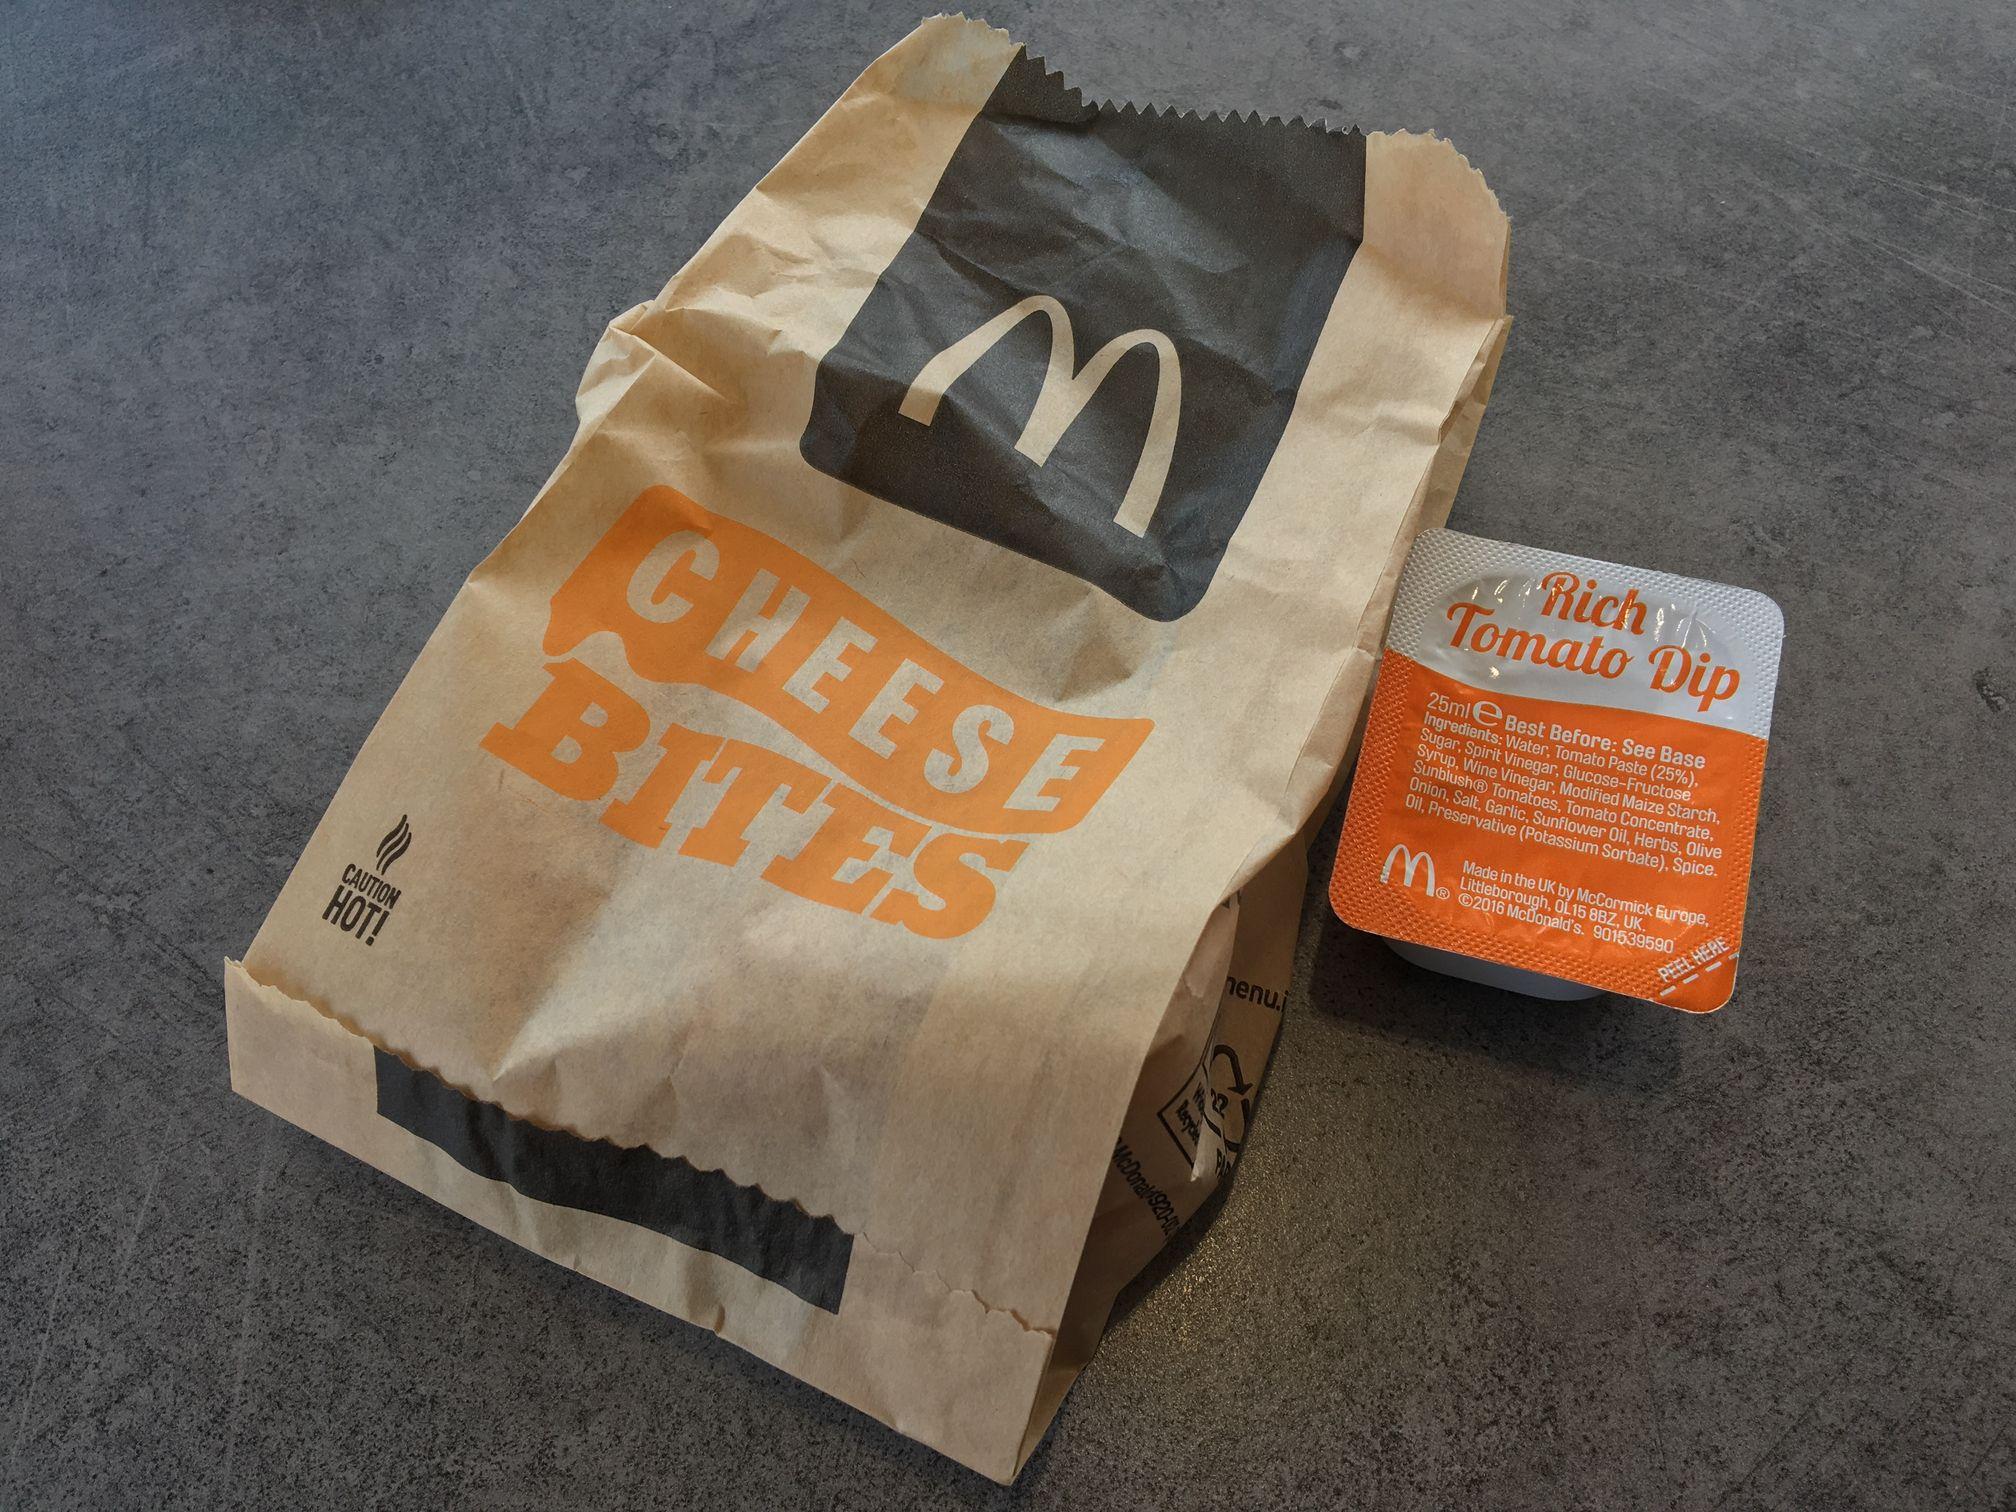 McDonald's Cheese Bites